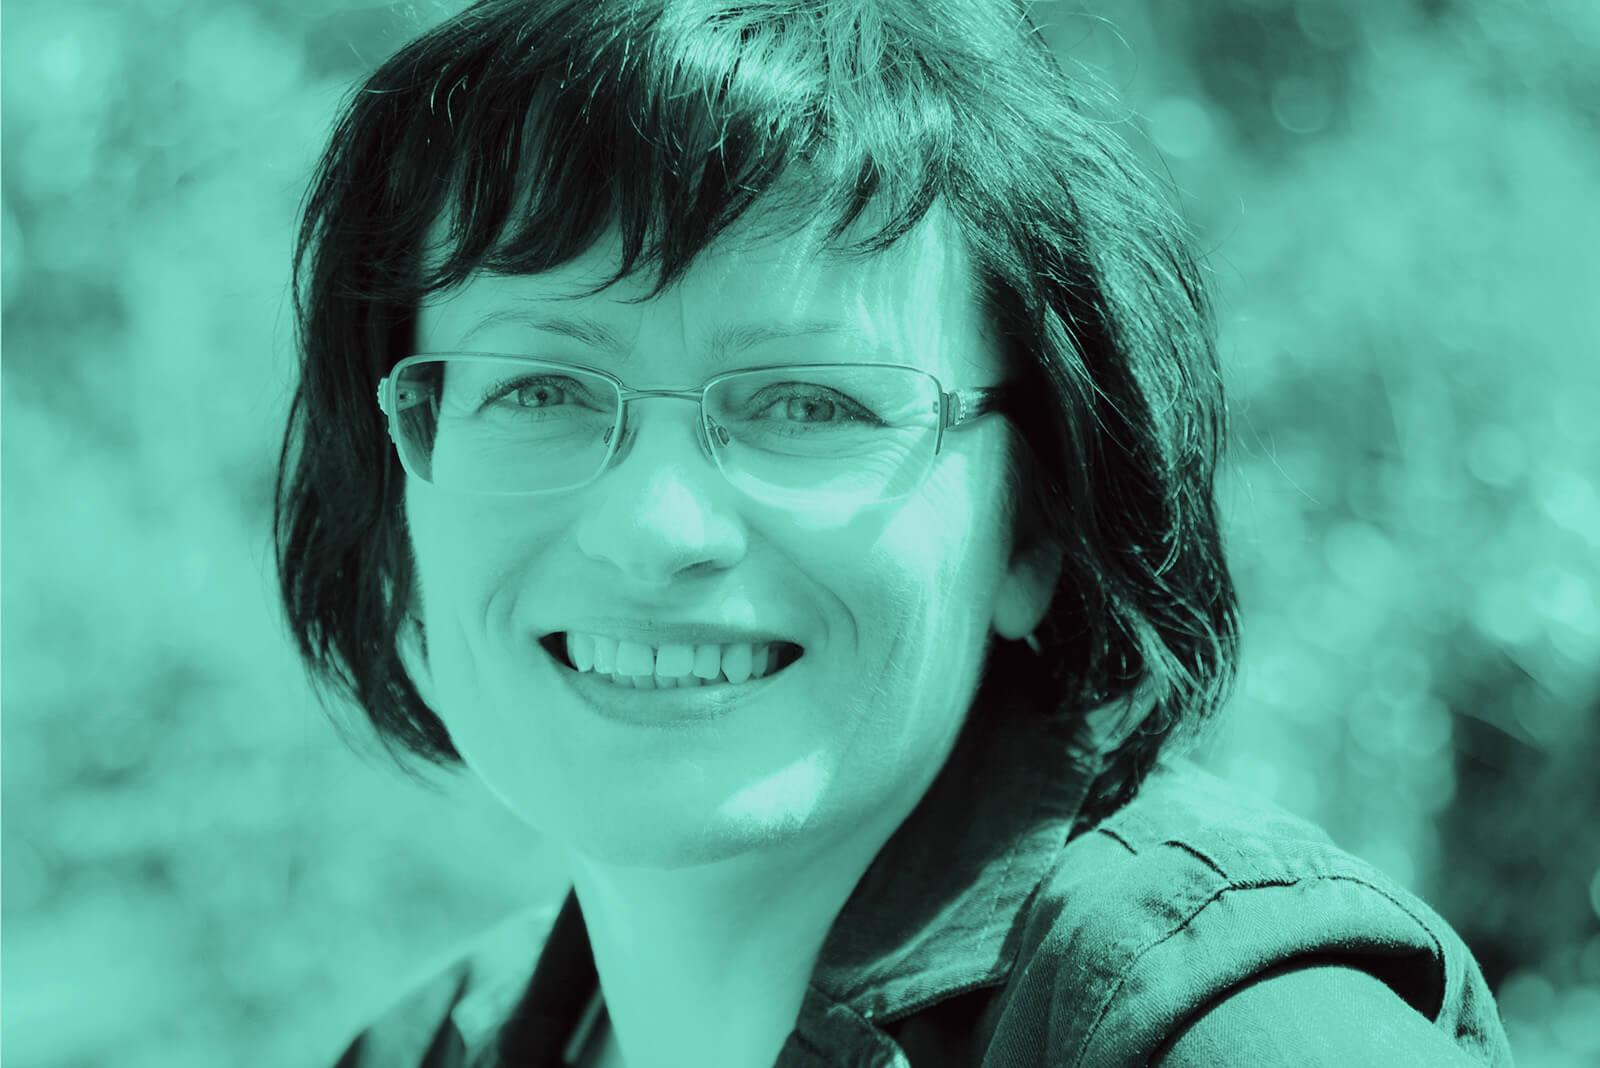 """Roswitha Reisinger: """"Ich konzentriere mich auf das Wesentliche. Mehr braucht man nicht, um glücklich zu sein."""""""